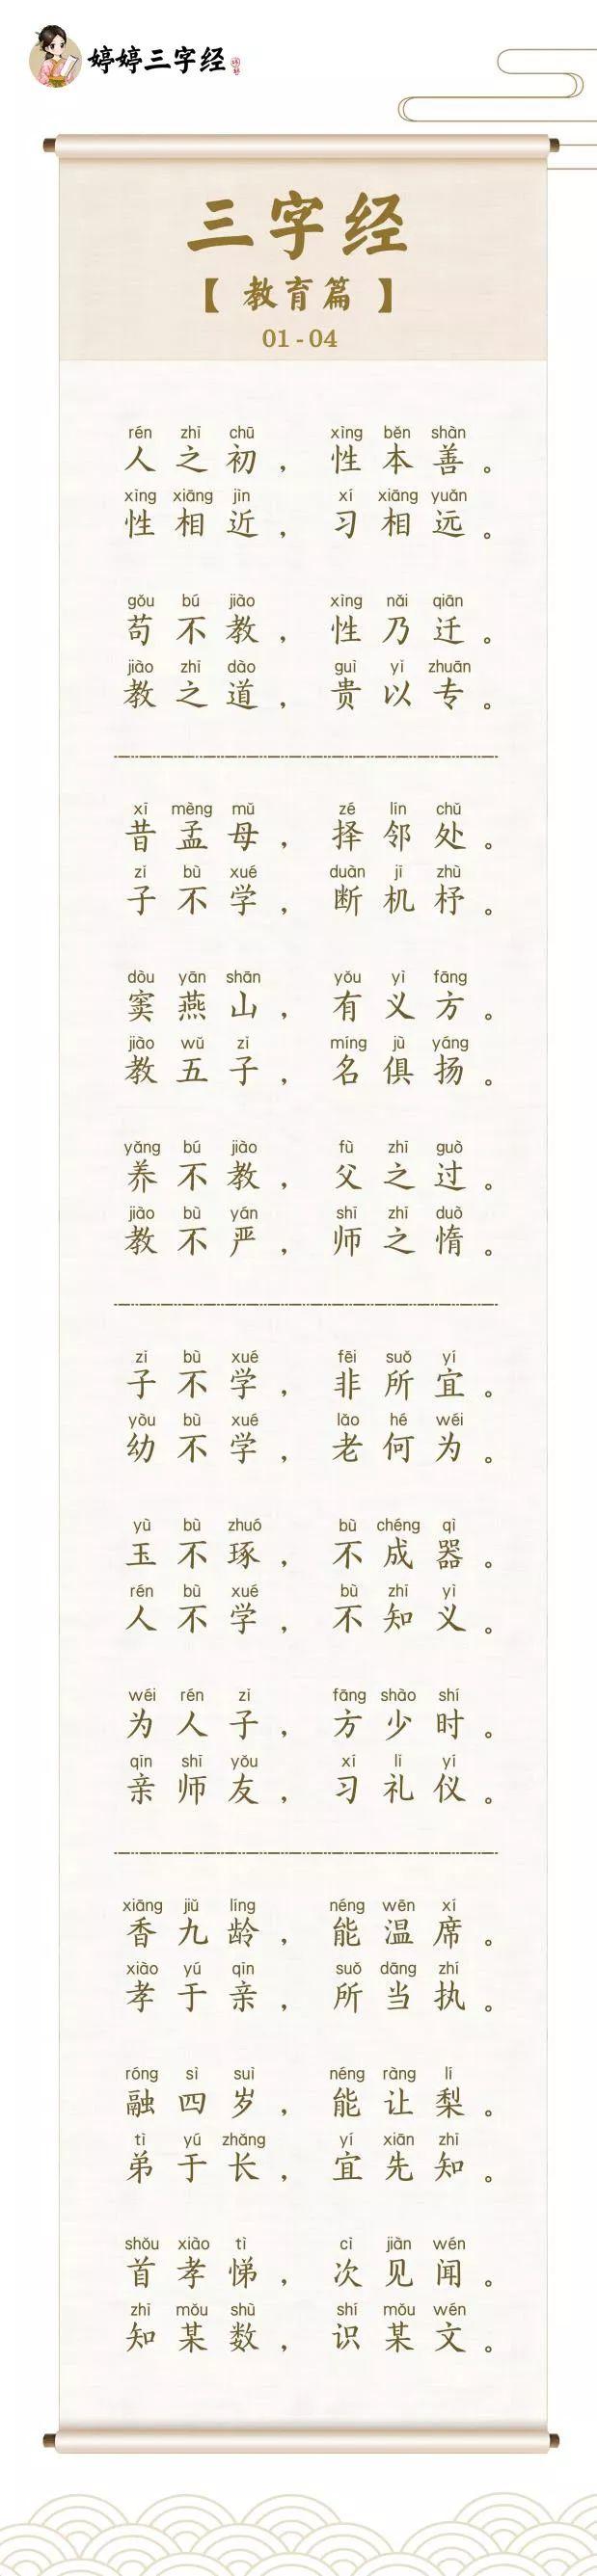 婷婷唱古文三字经|求学问教但由心,三字见性情